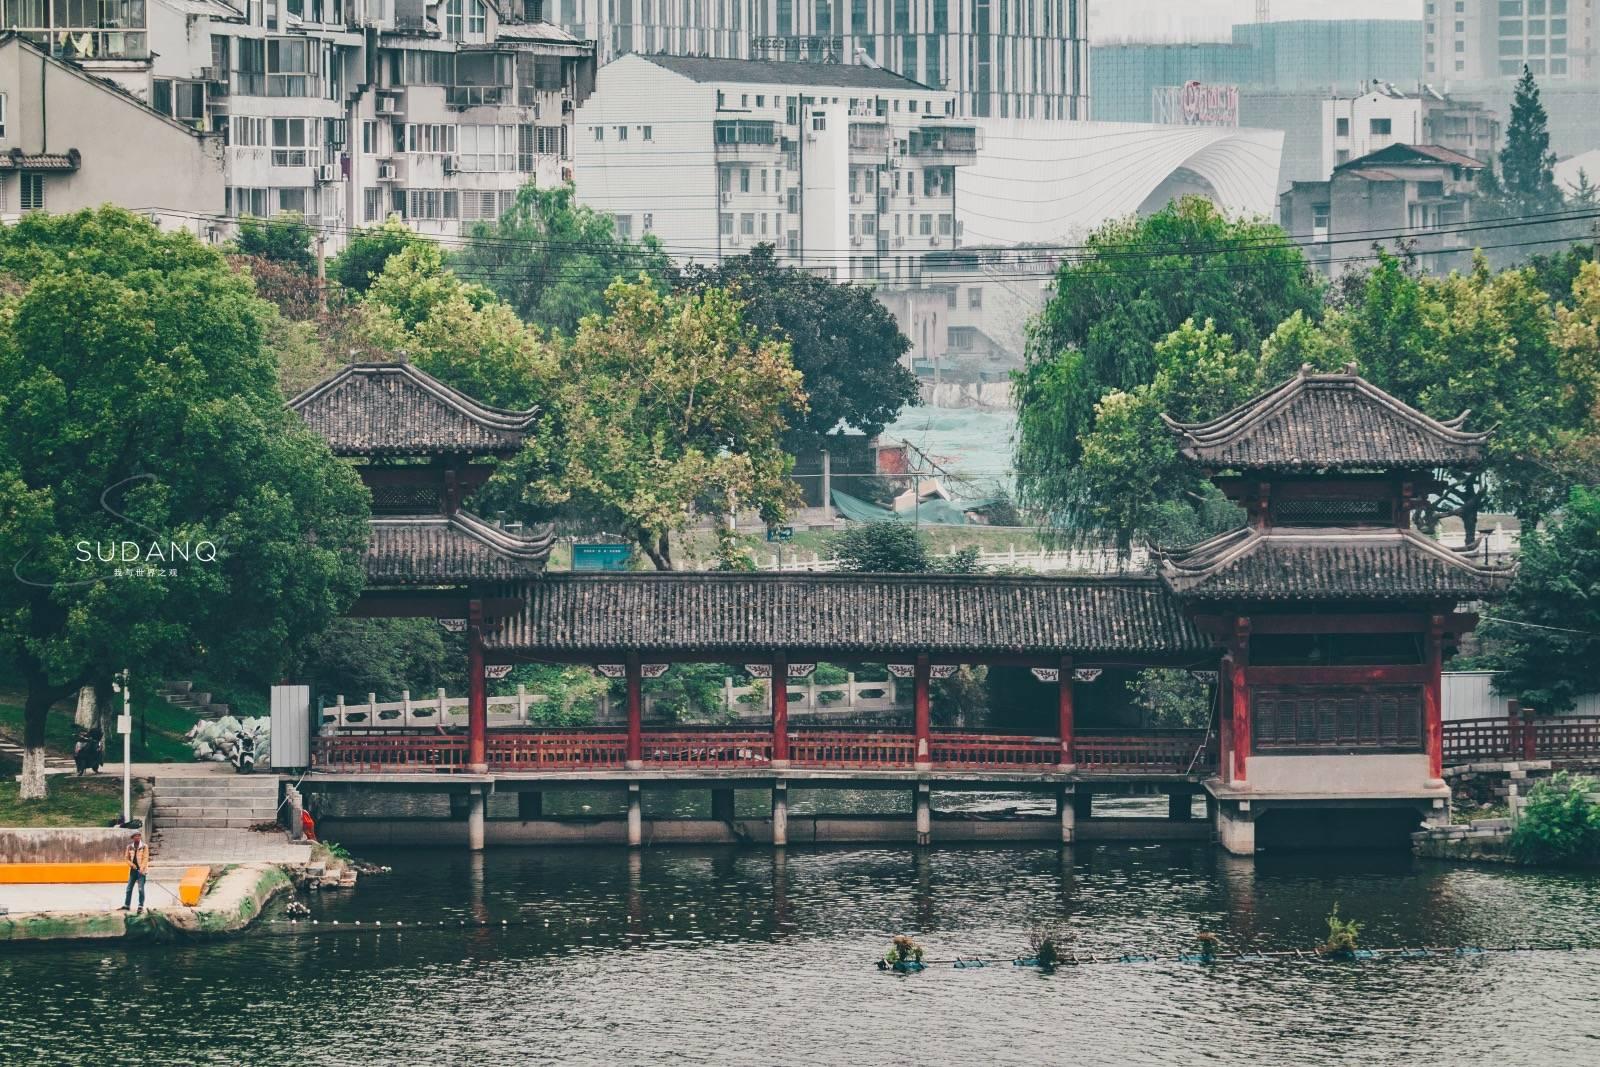 湖北荆州:一座被忽略的六朝古都,古老与现代交相辉映